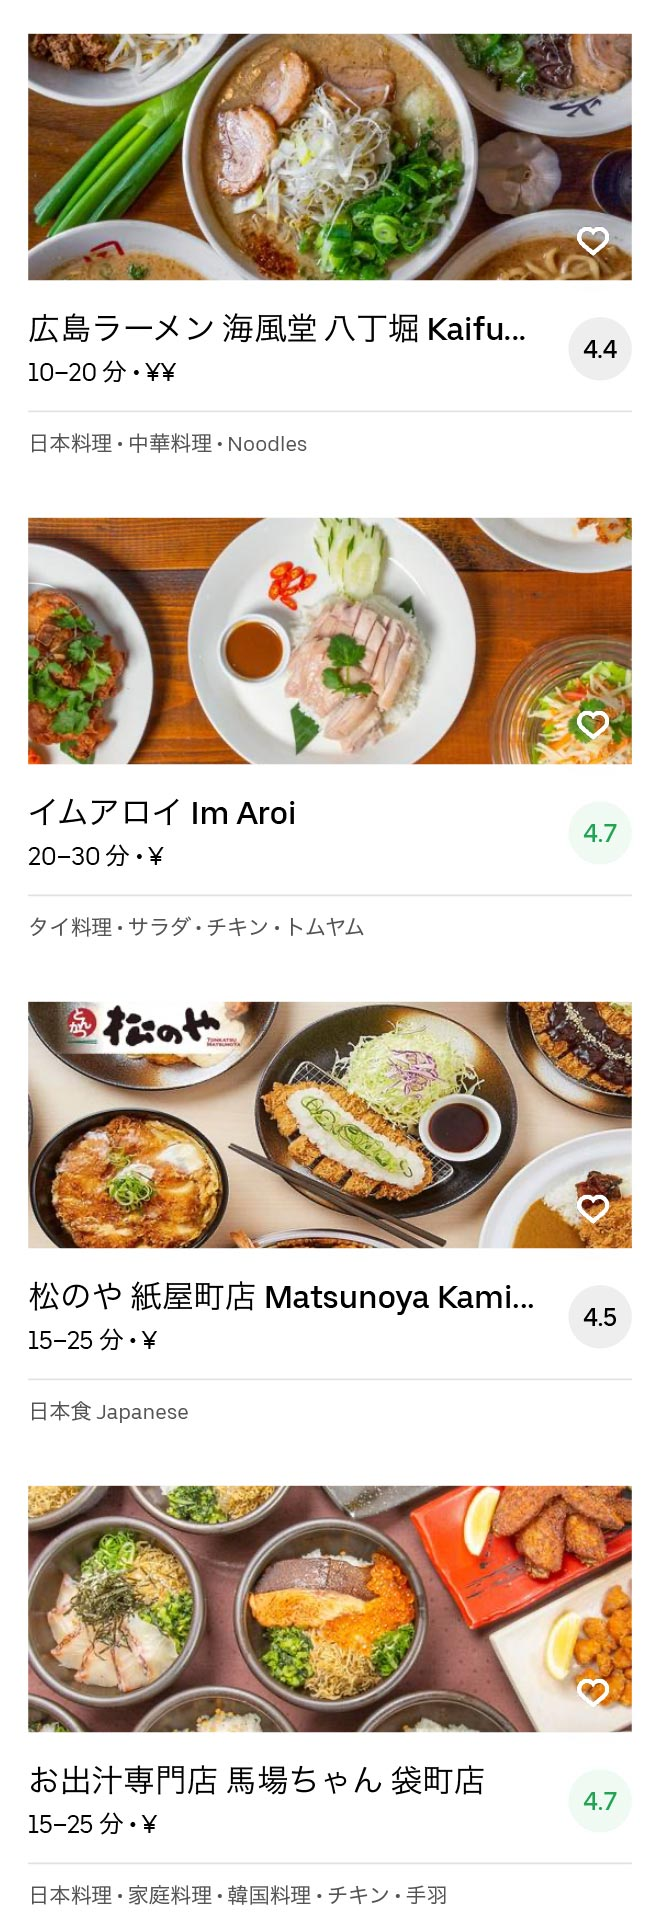 Hiroshima menu 2005 08